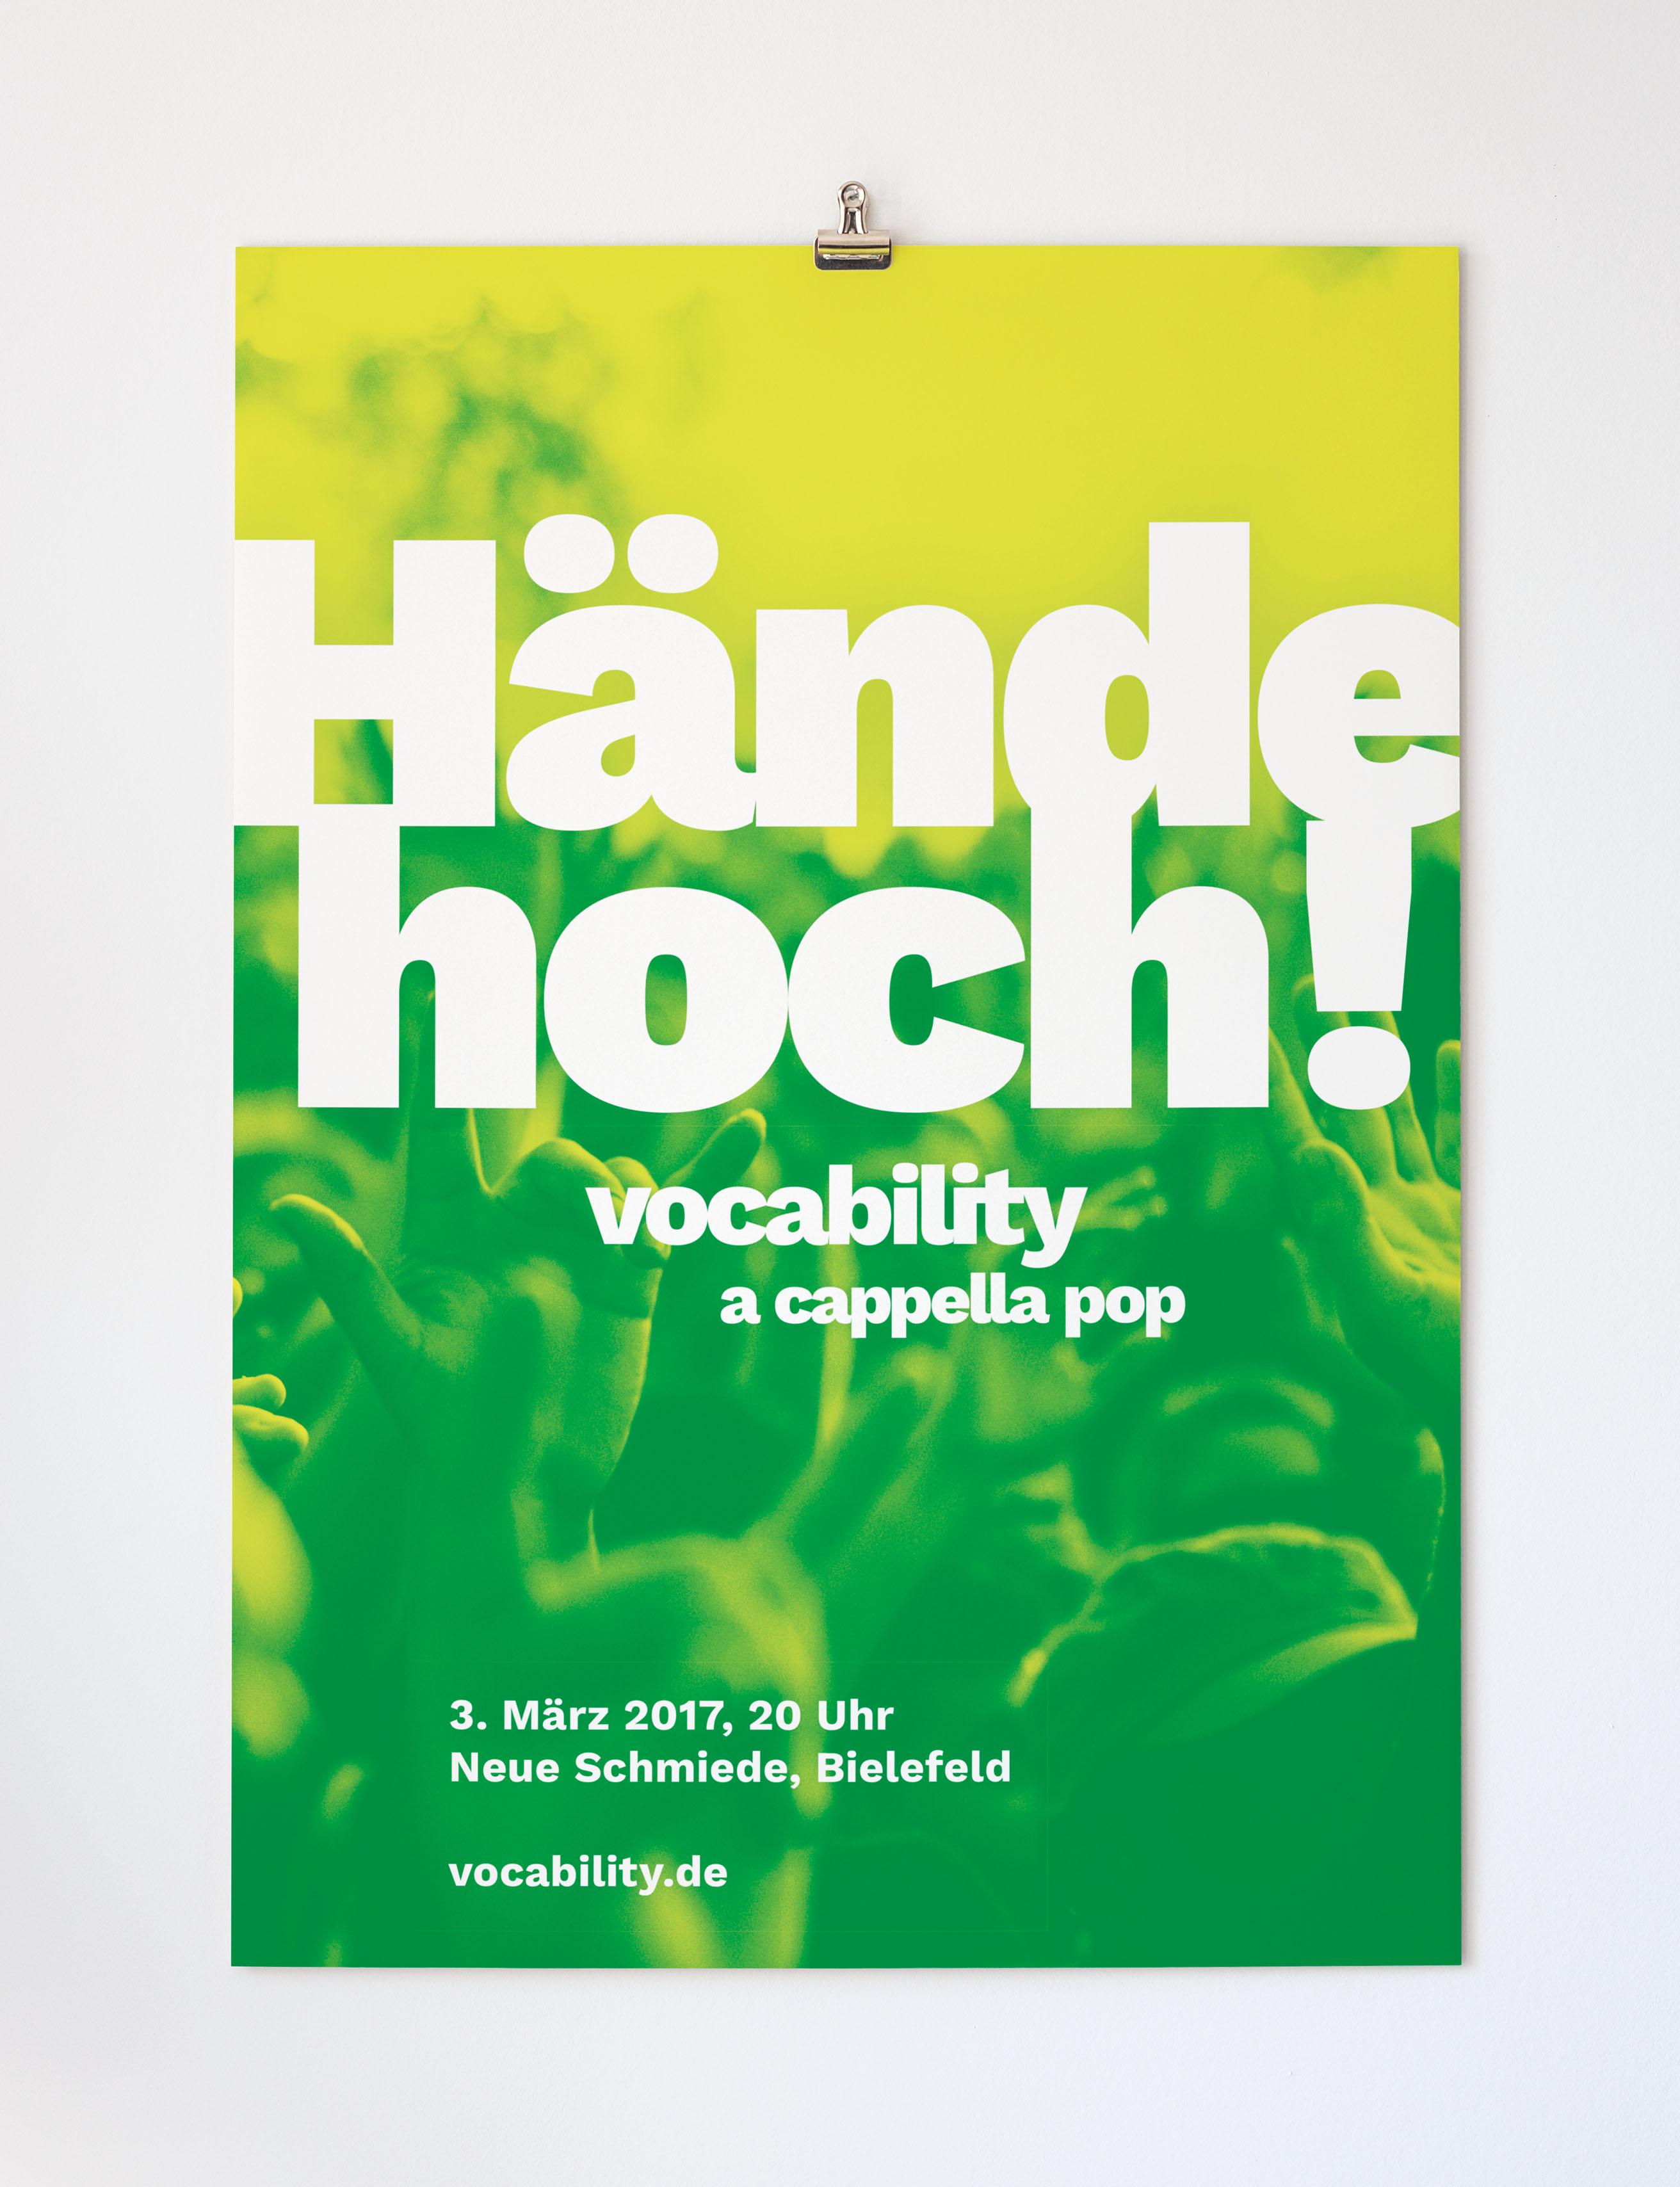 Vocability Plakat